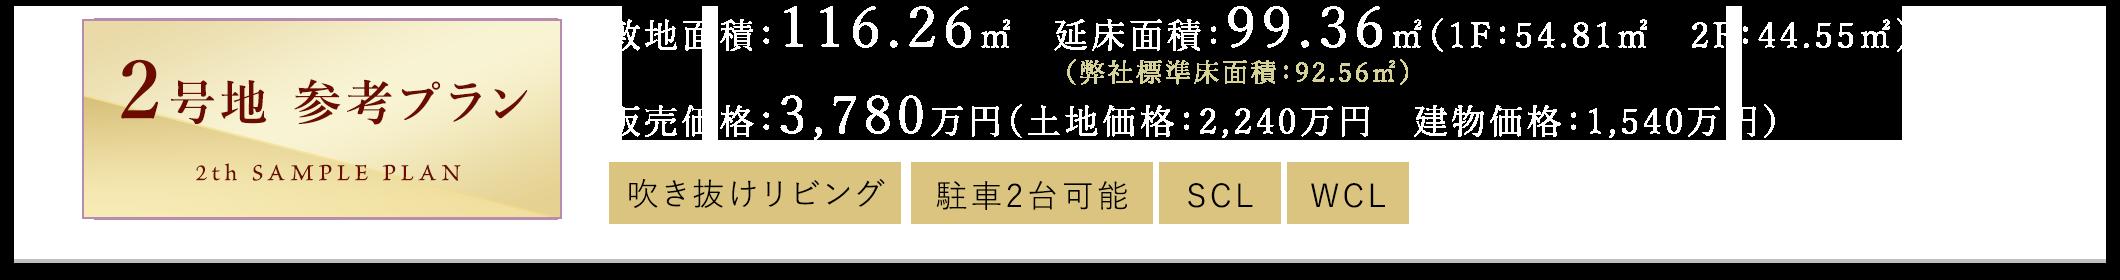 2号地参考プラン